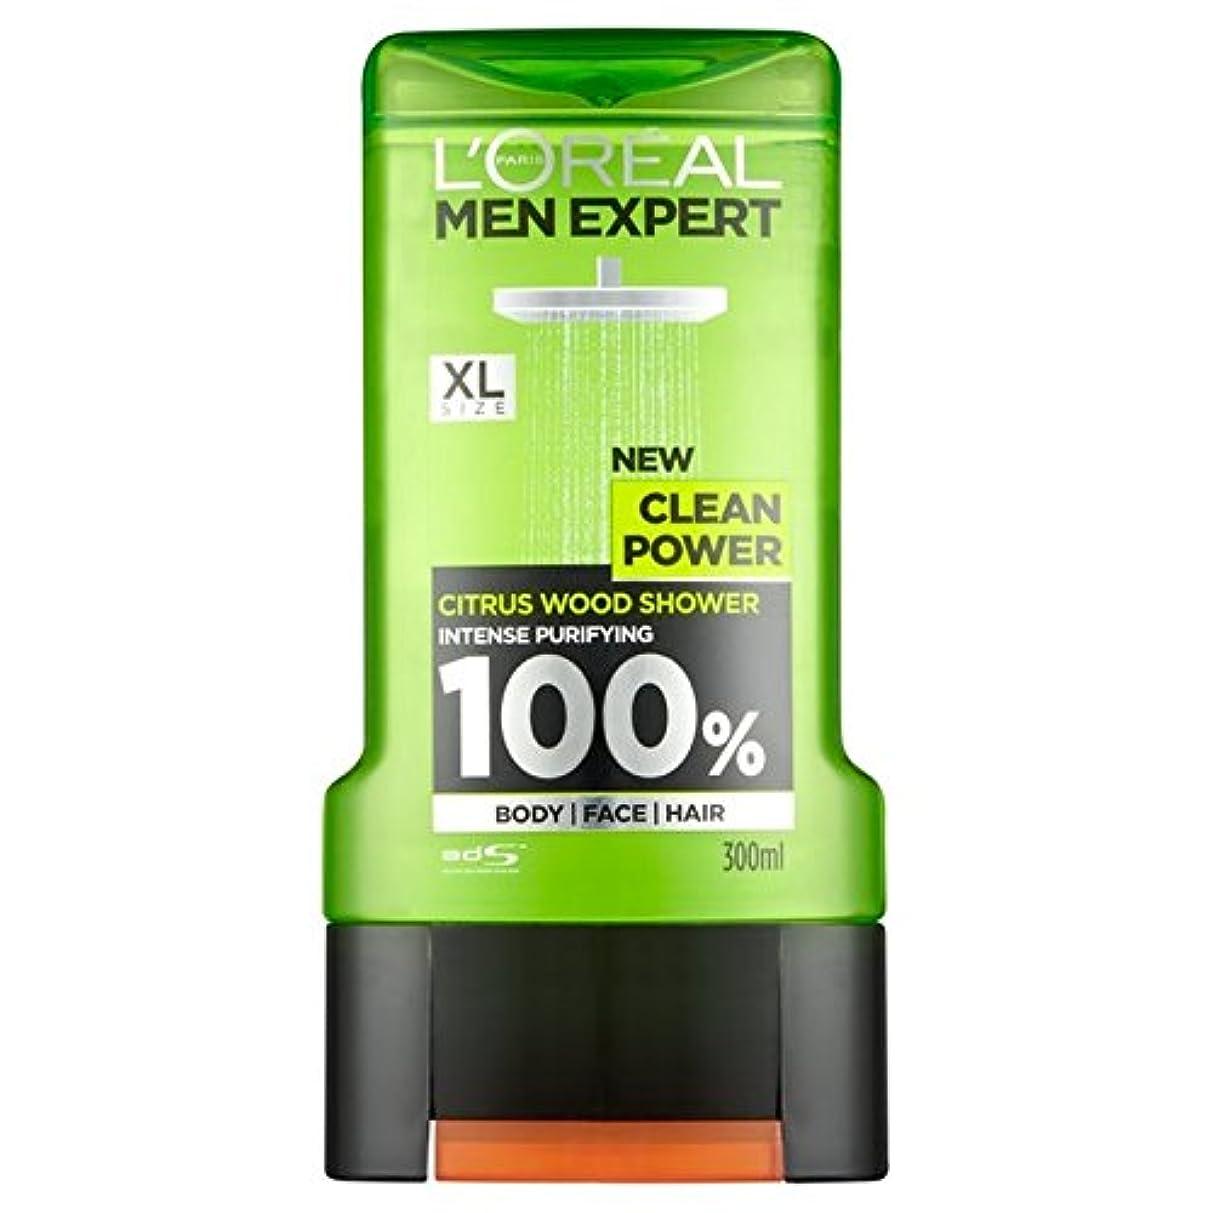 刈る責める抽象化ロレアルパリの男性の専門家クリーンパワーシャワージェル300ミリリットル x2 - L'Oreal Paris Men Expert Clean Power Shower Gel 300ml (Pack of 2) [並行輸入品]